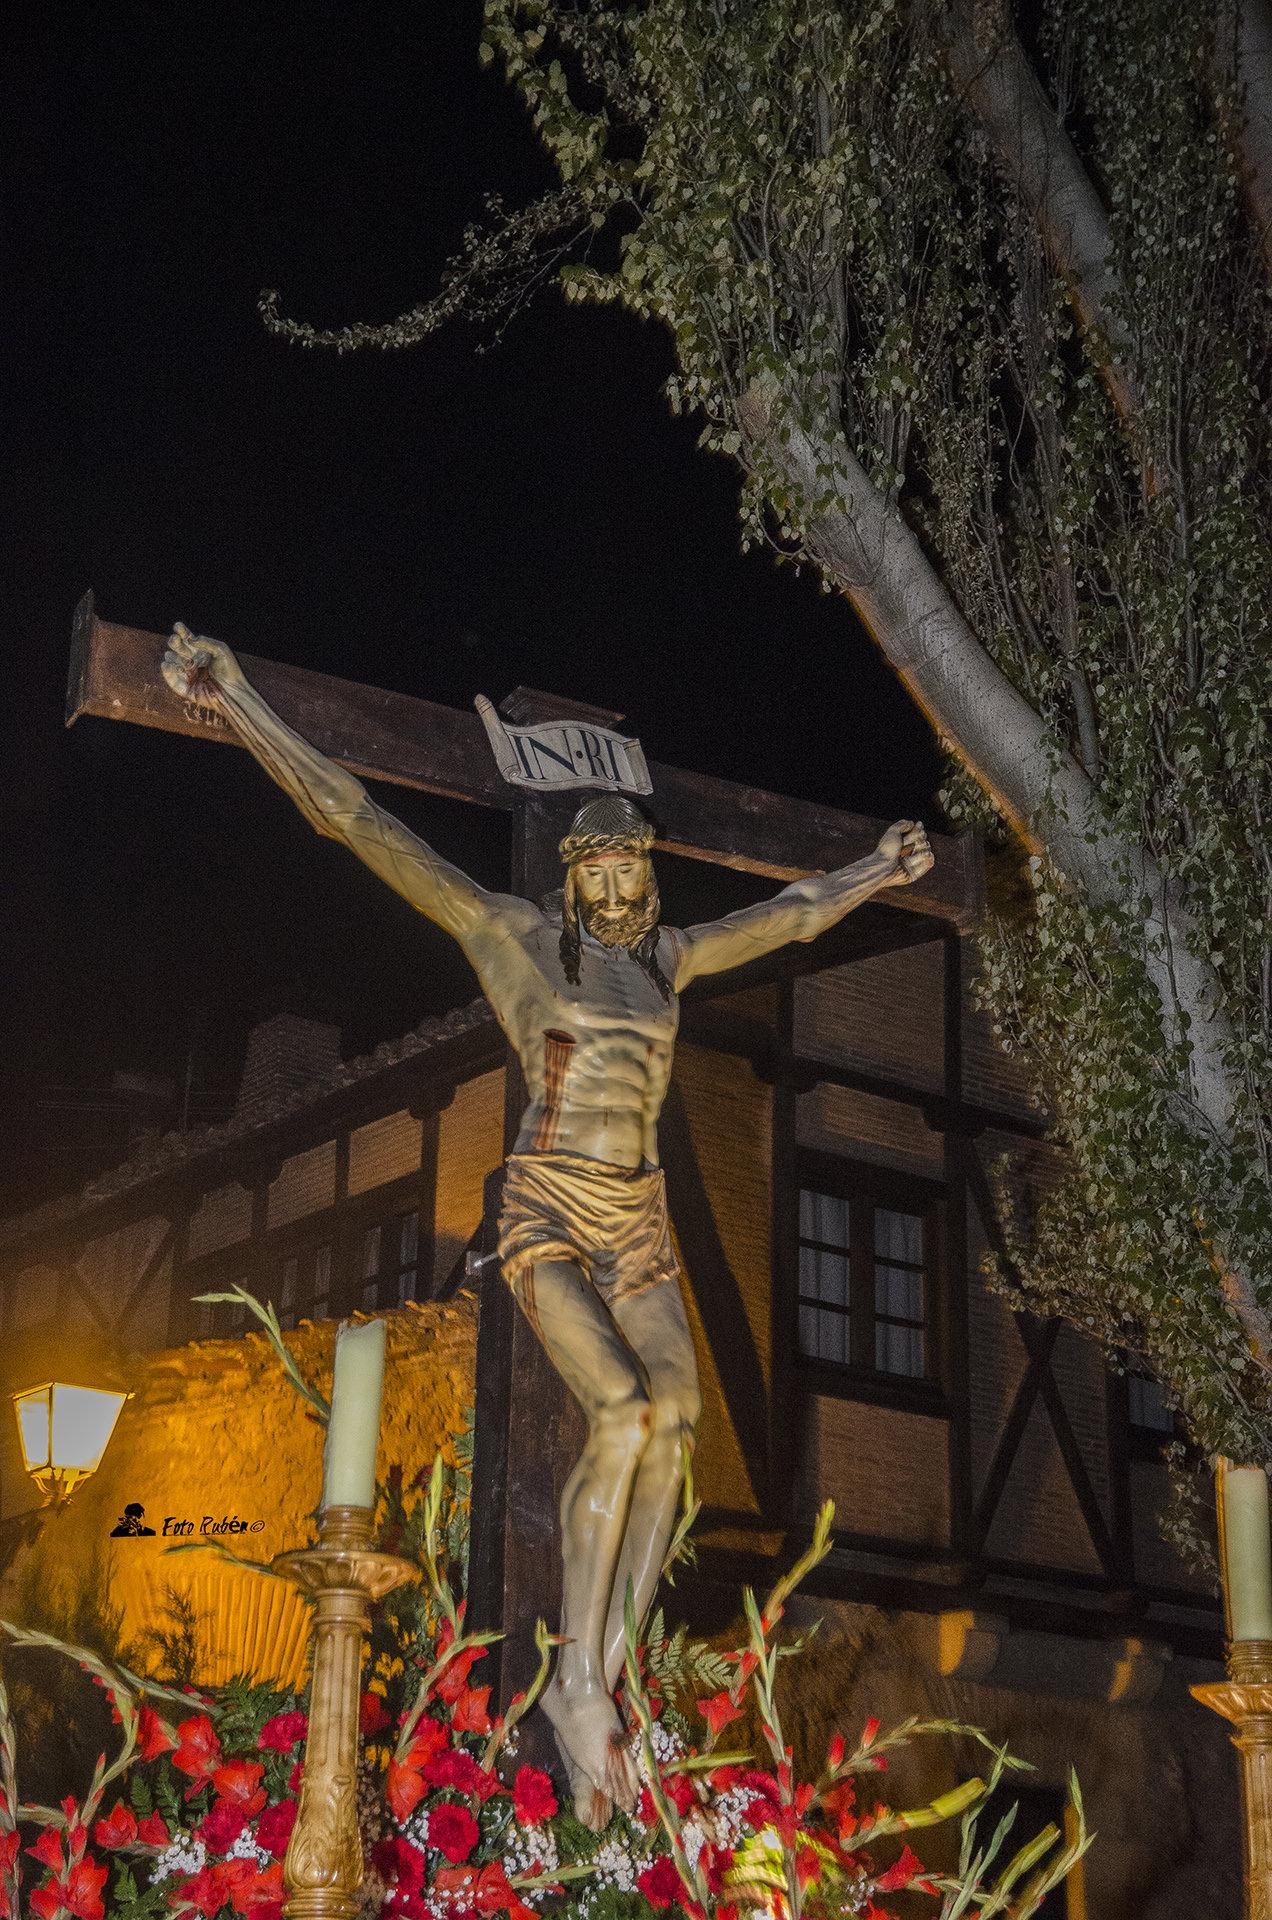 Santo Via Crucis y Procesión con la Imagen del Santo Cristo de la Paciencia, Segovia 2